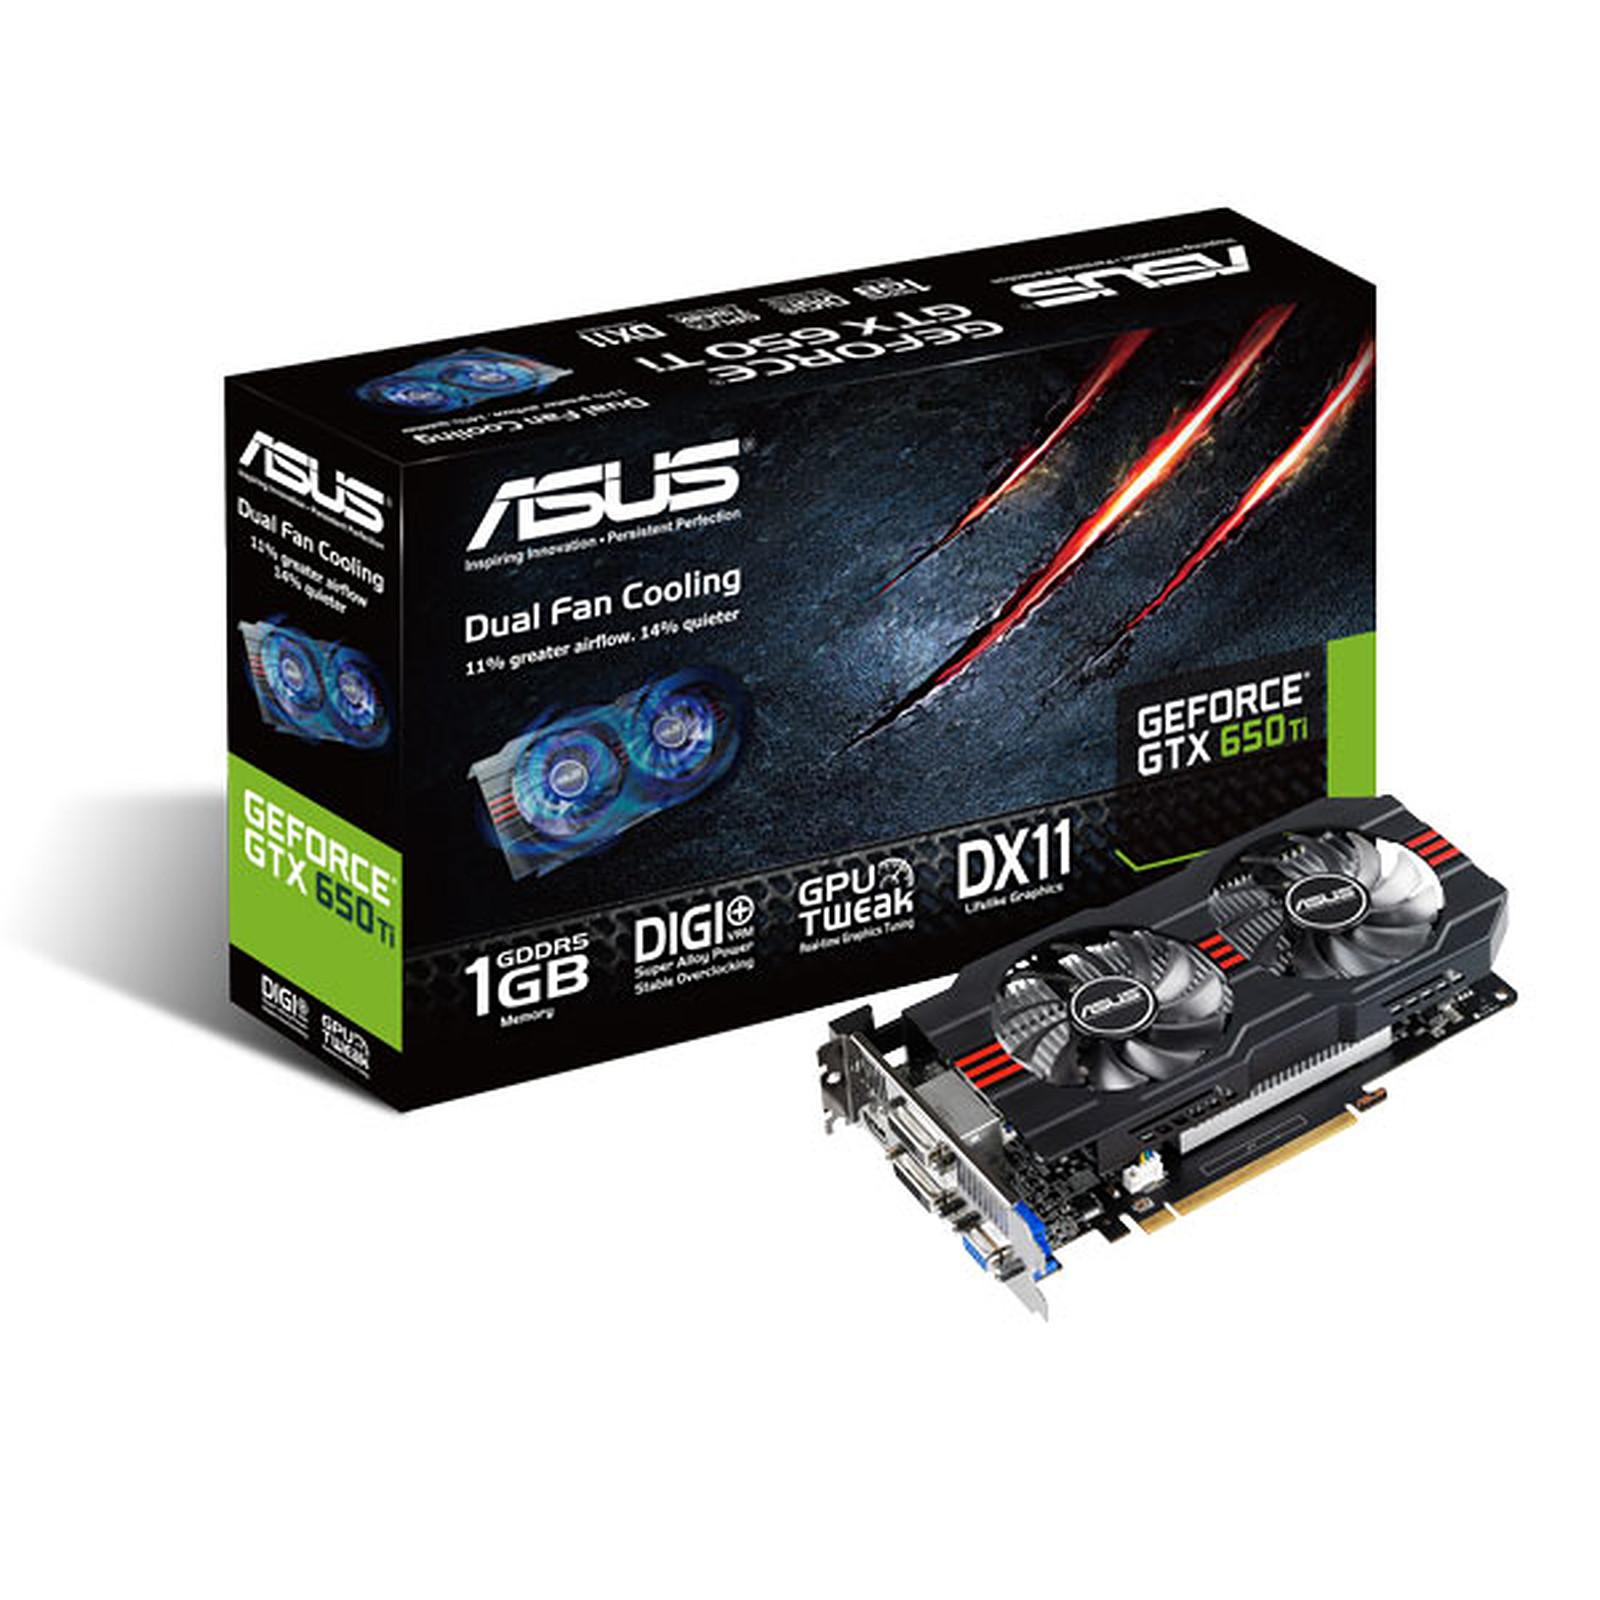 ASUS GeForce GTX650TI-1GD5